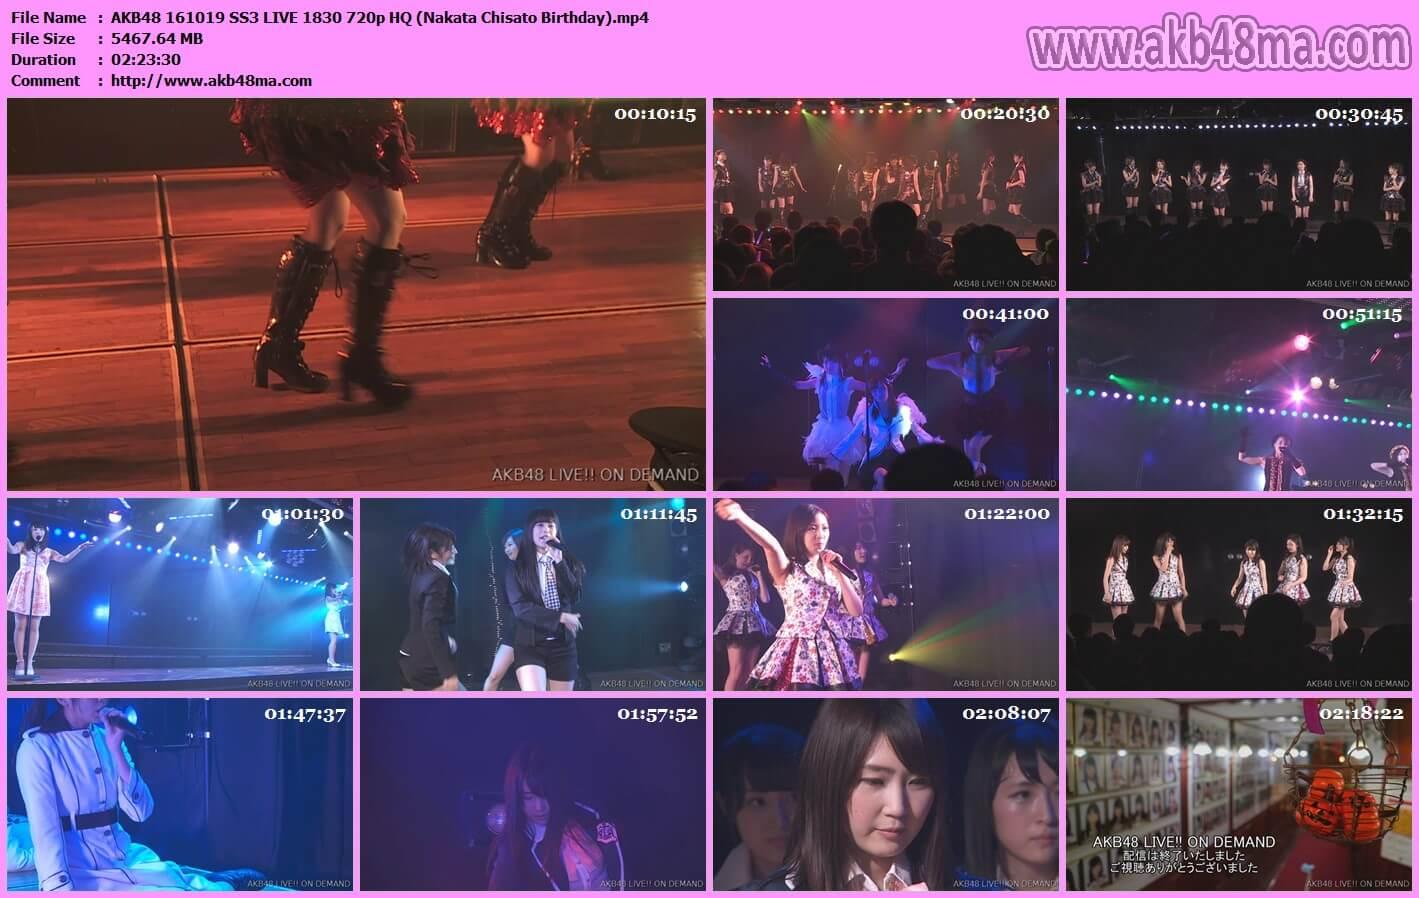 【公演配信】161019 AKB48 田原総一朗「ド~なる?!ド~する?! AKB48」公演